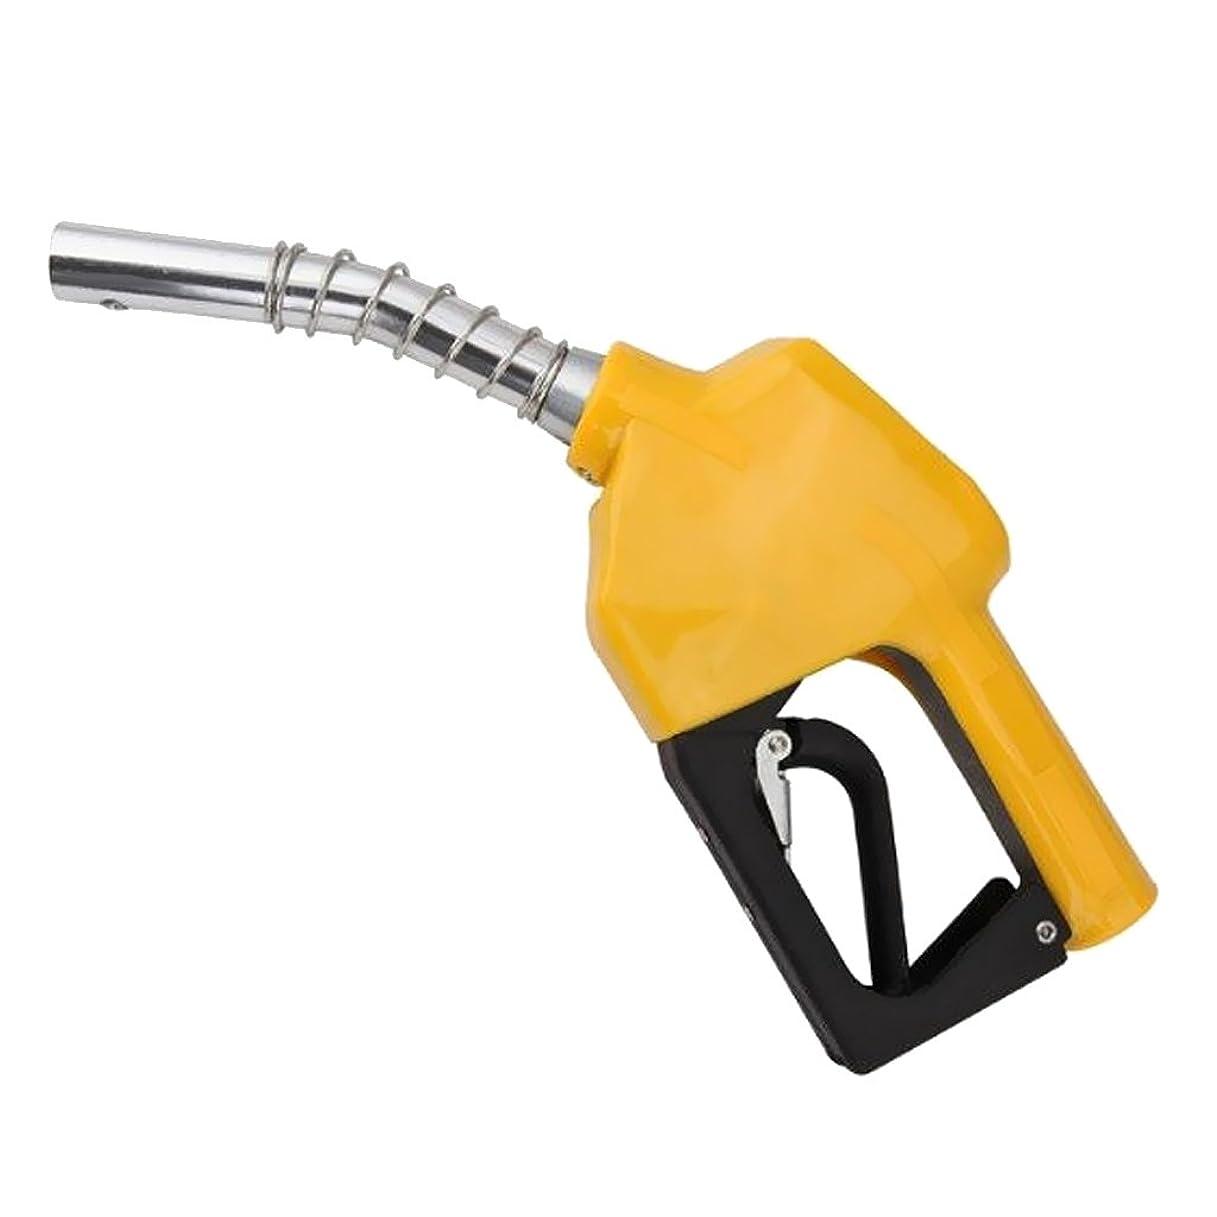 豆腐これまで被害者Perfeclan 給油ガン 全5色 燃料 ディーゼルノズル 自動オフオイル  自動燃料配達ガン - イエロー